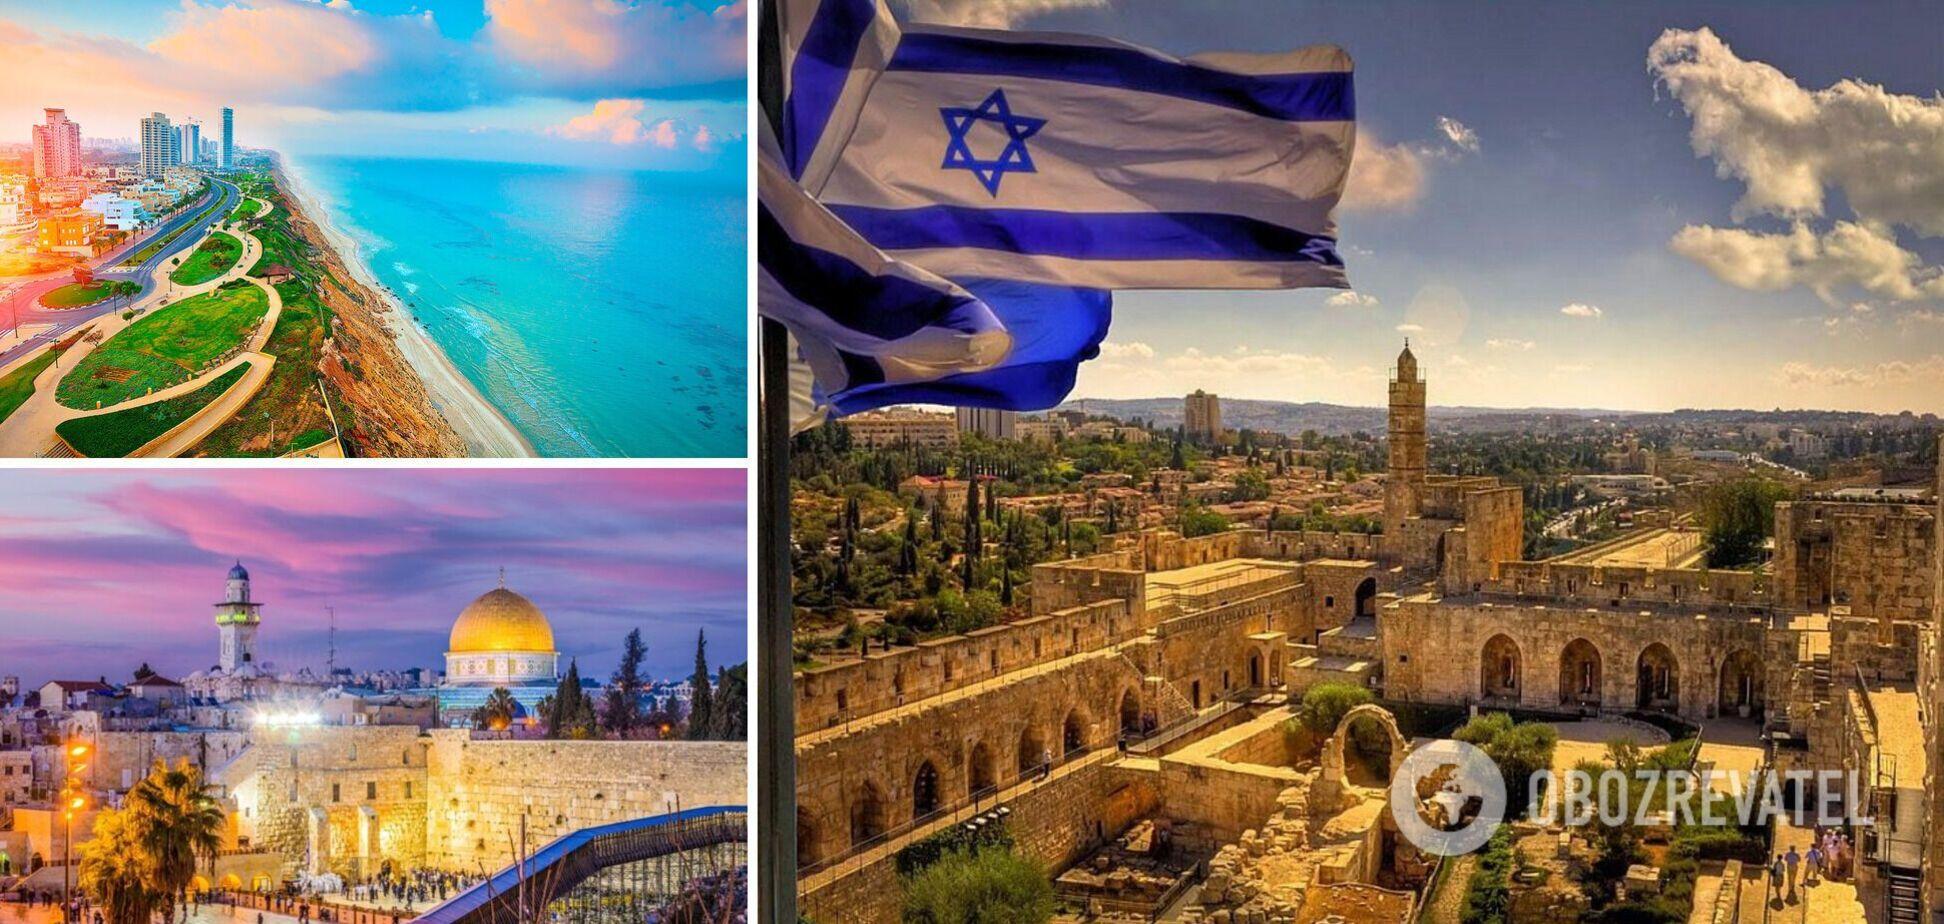 Репатріація в Ізраїль: що потрібно знати перед переїздом